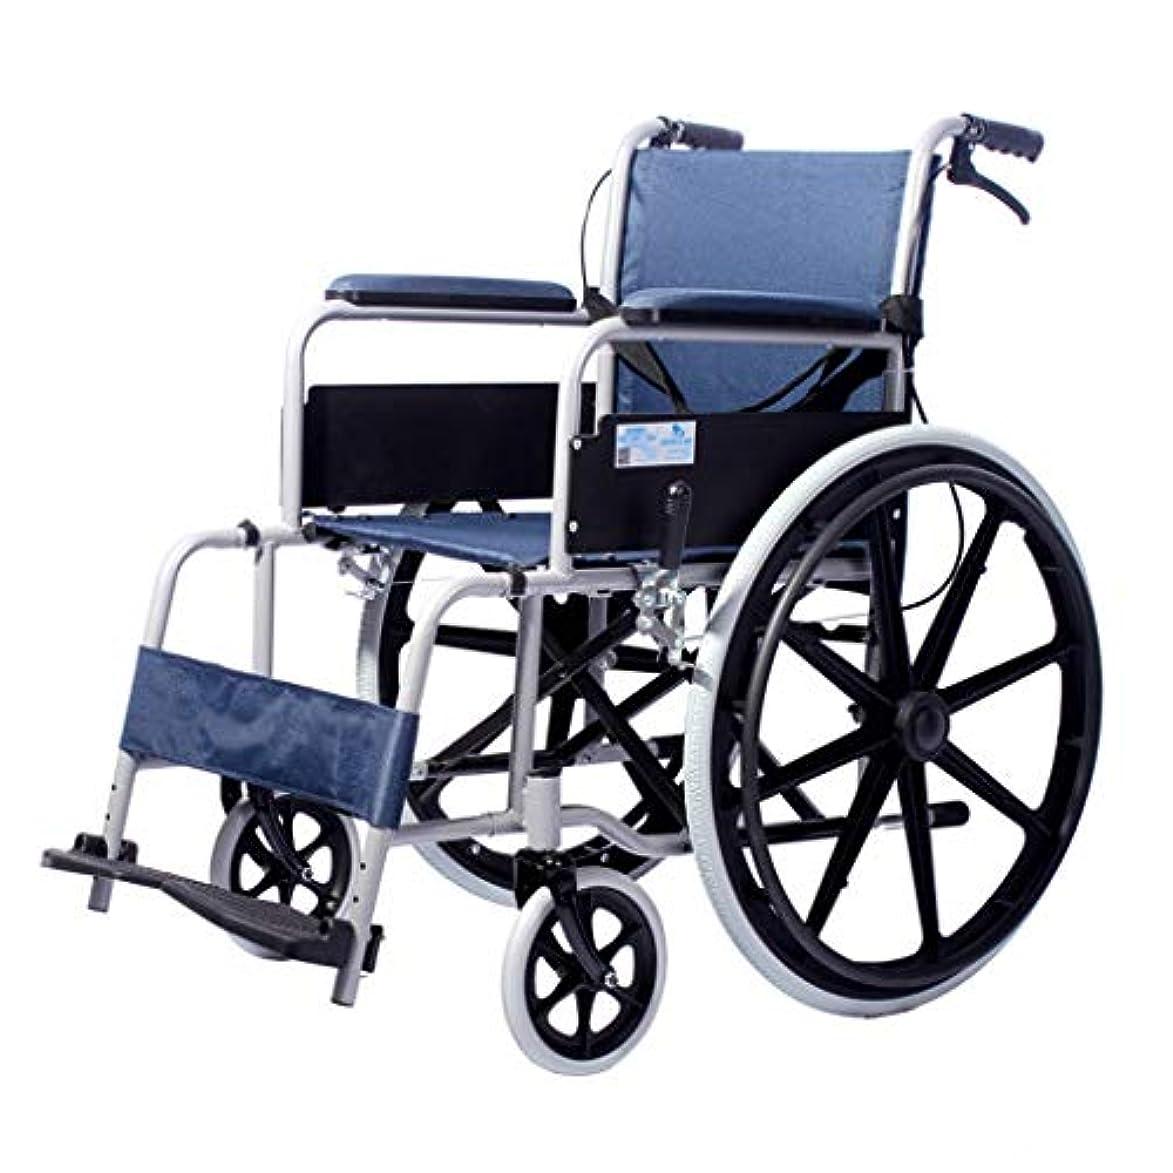 規則性書士弓高齢者用車椅子折りたたみ式手すり、高齢者用調整可能ペダル、四輪ブレーキ機能